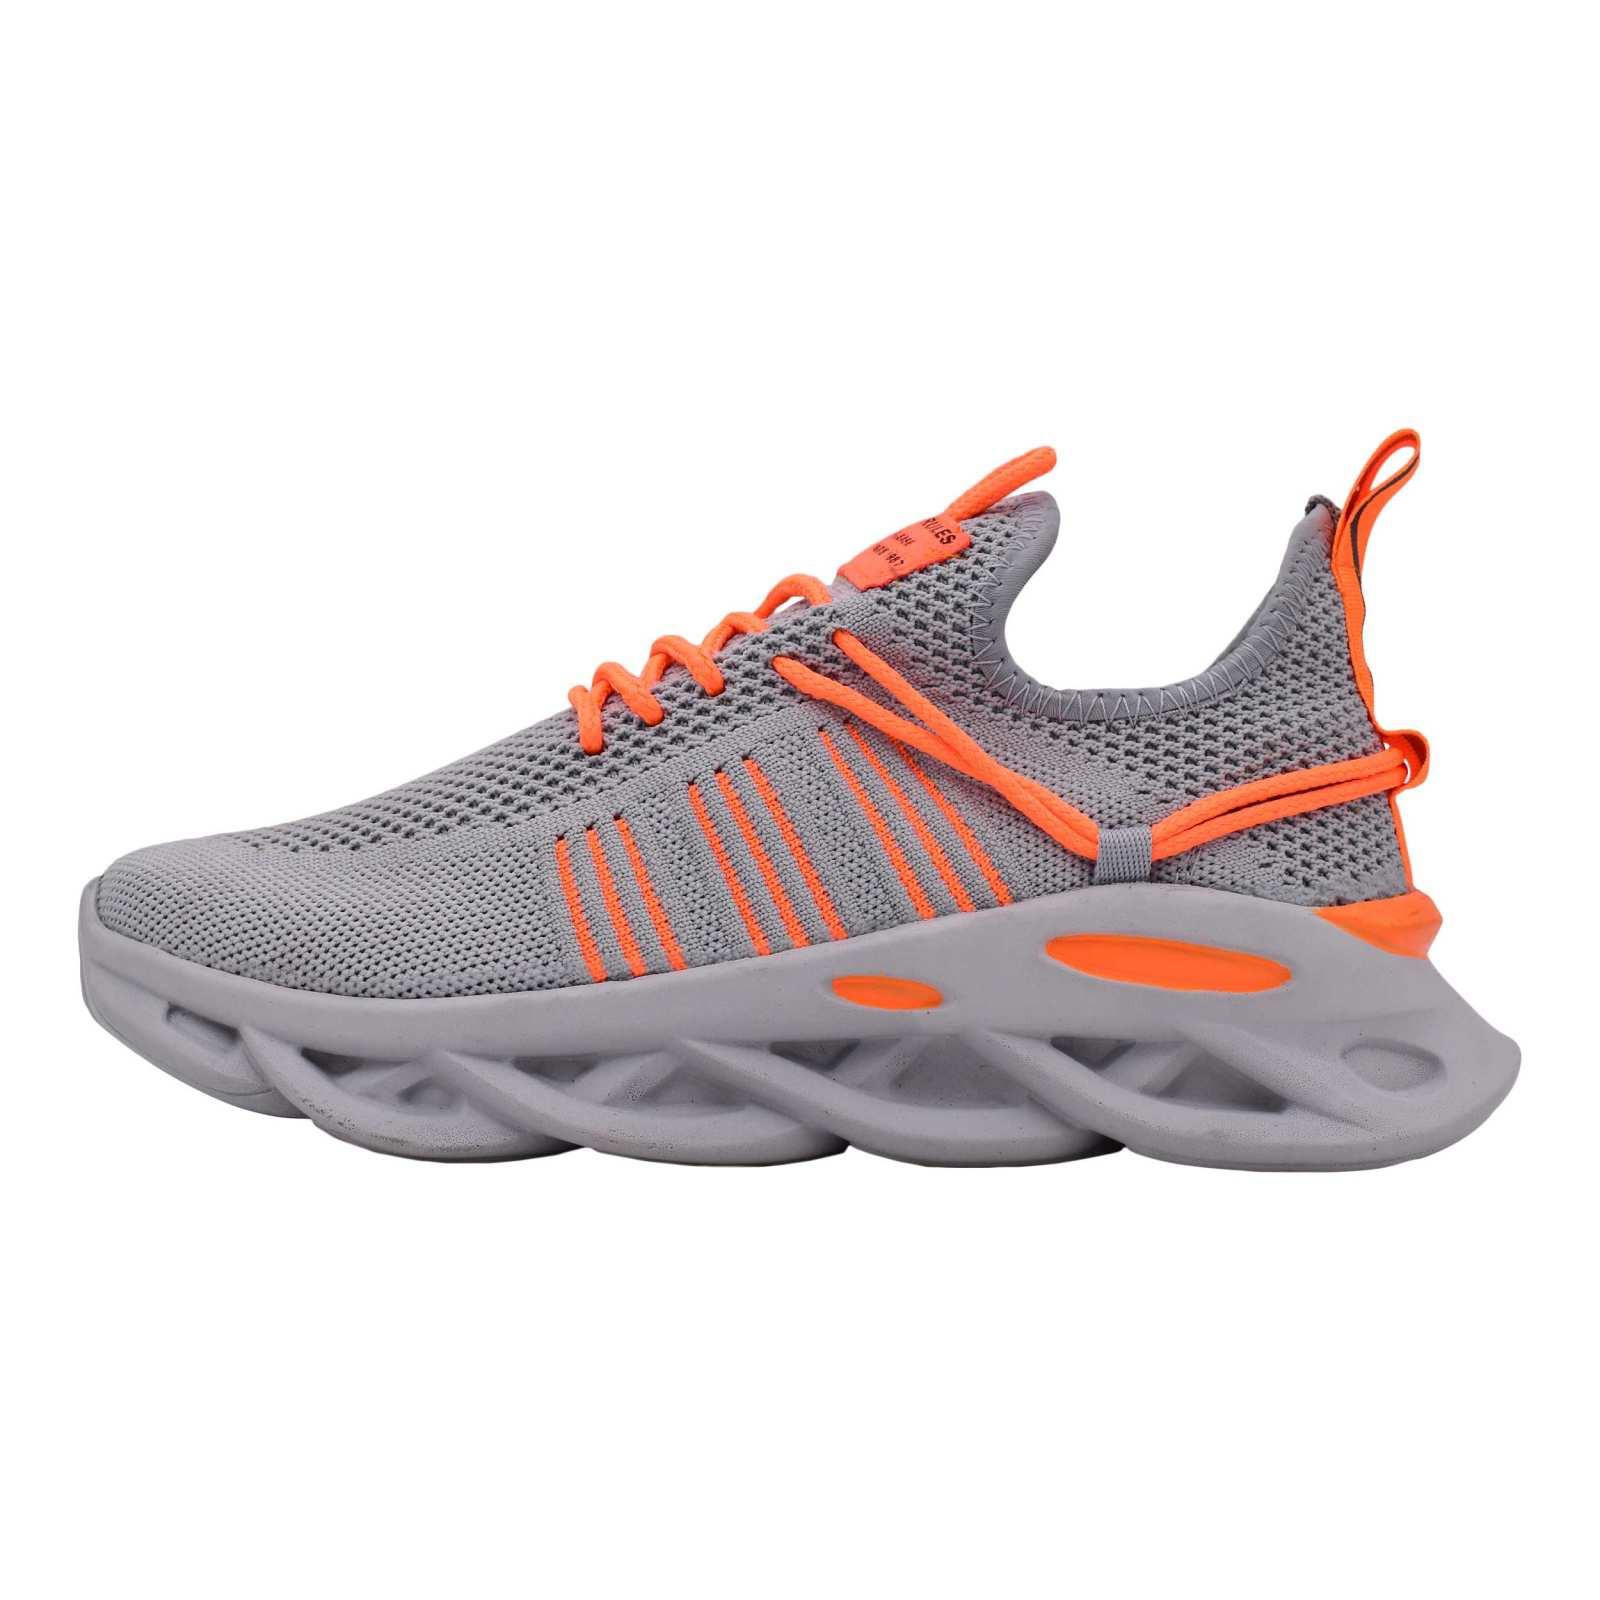 کفش دویدن مردانه مدل پارسا کد B1071-2 -  - 2